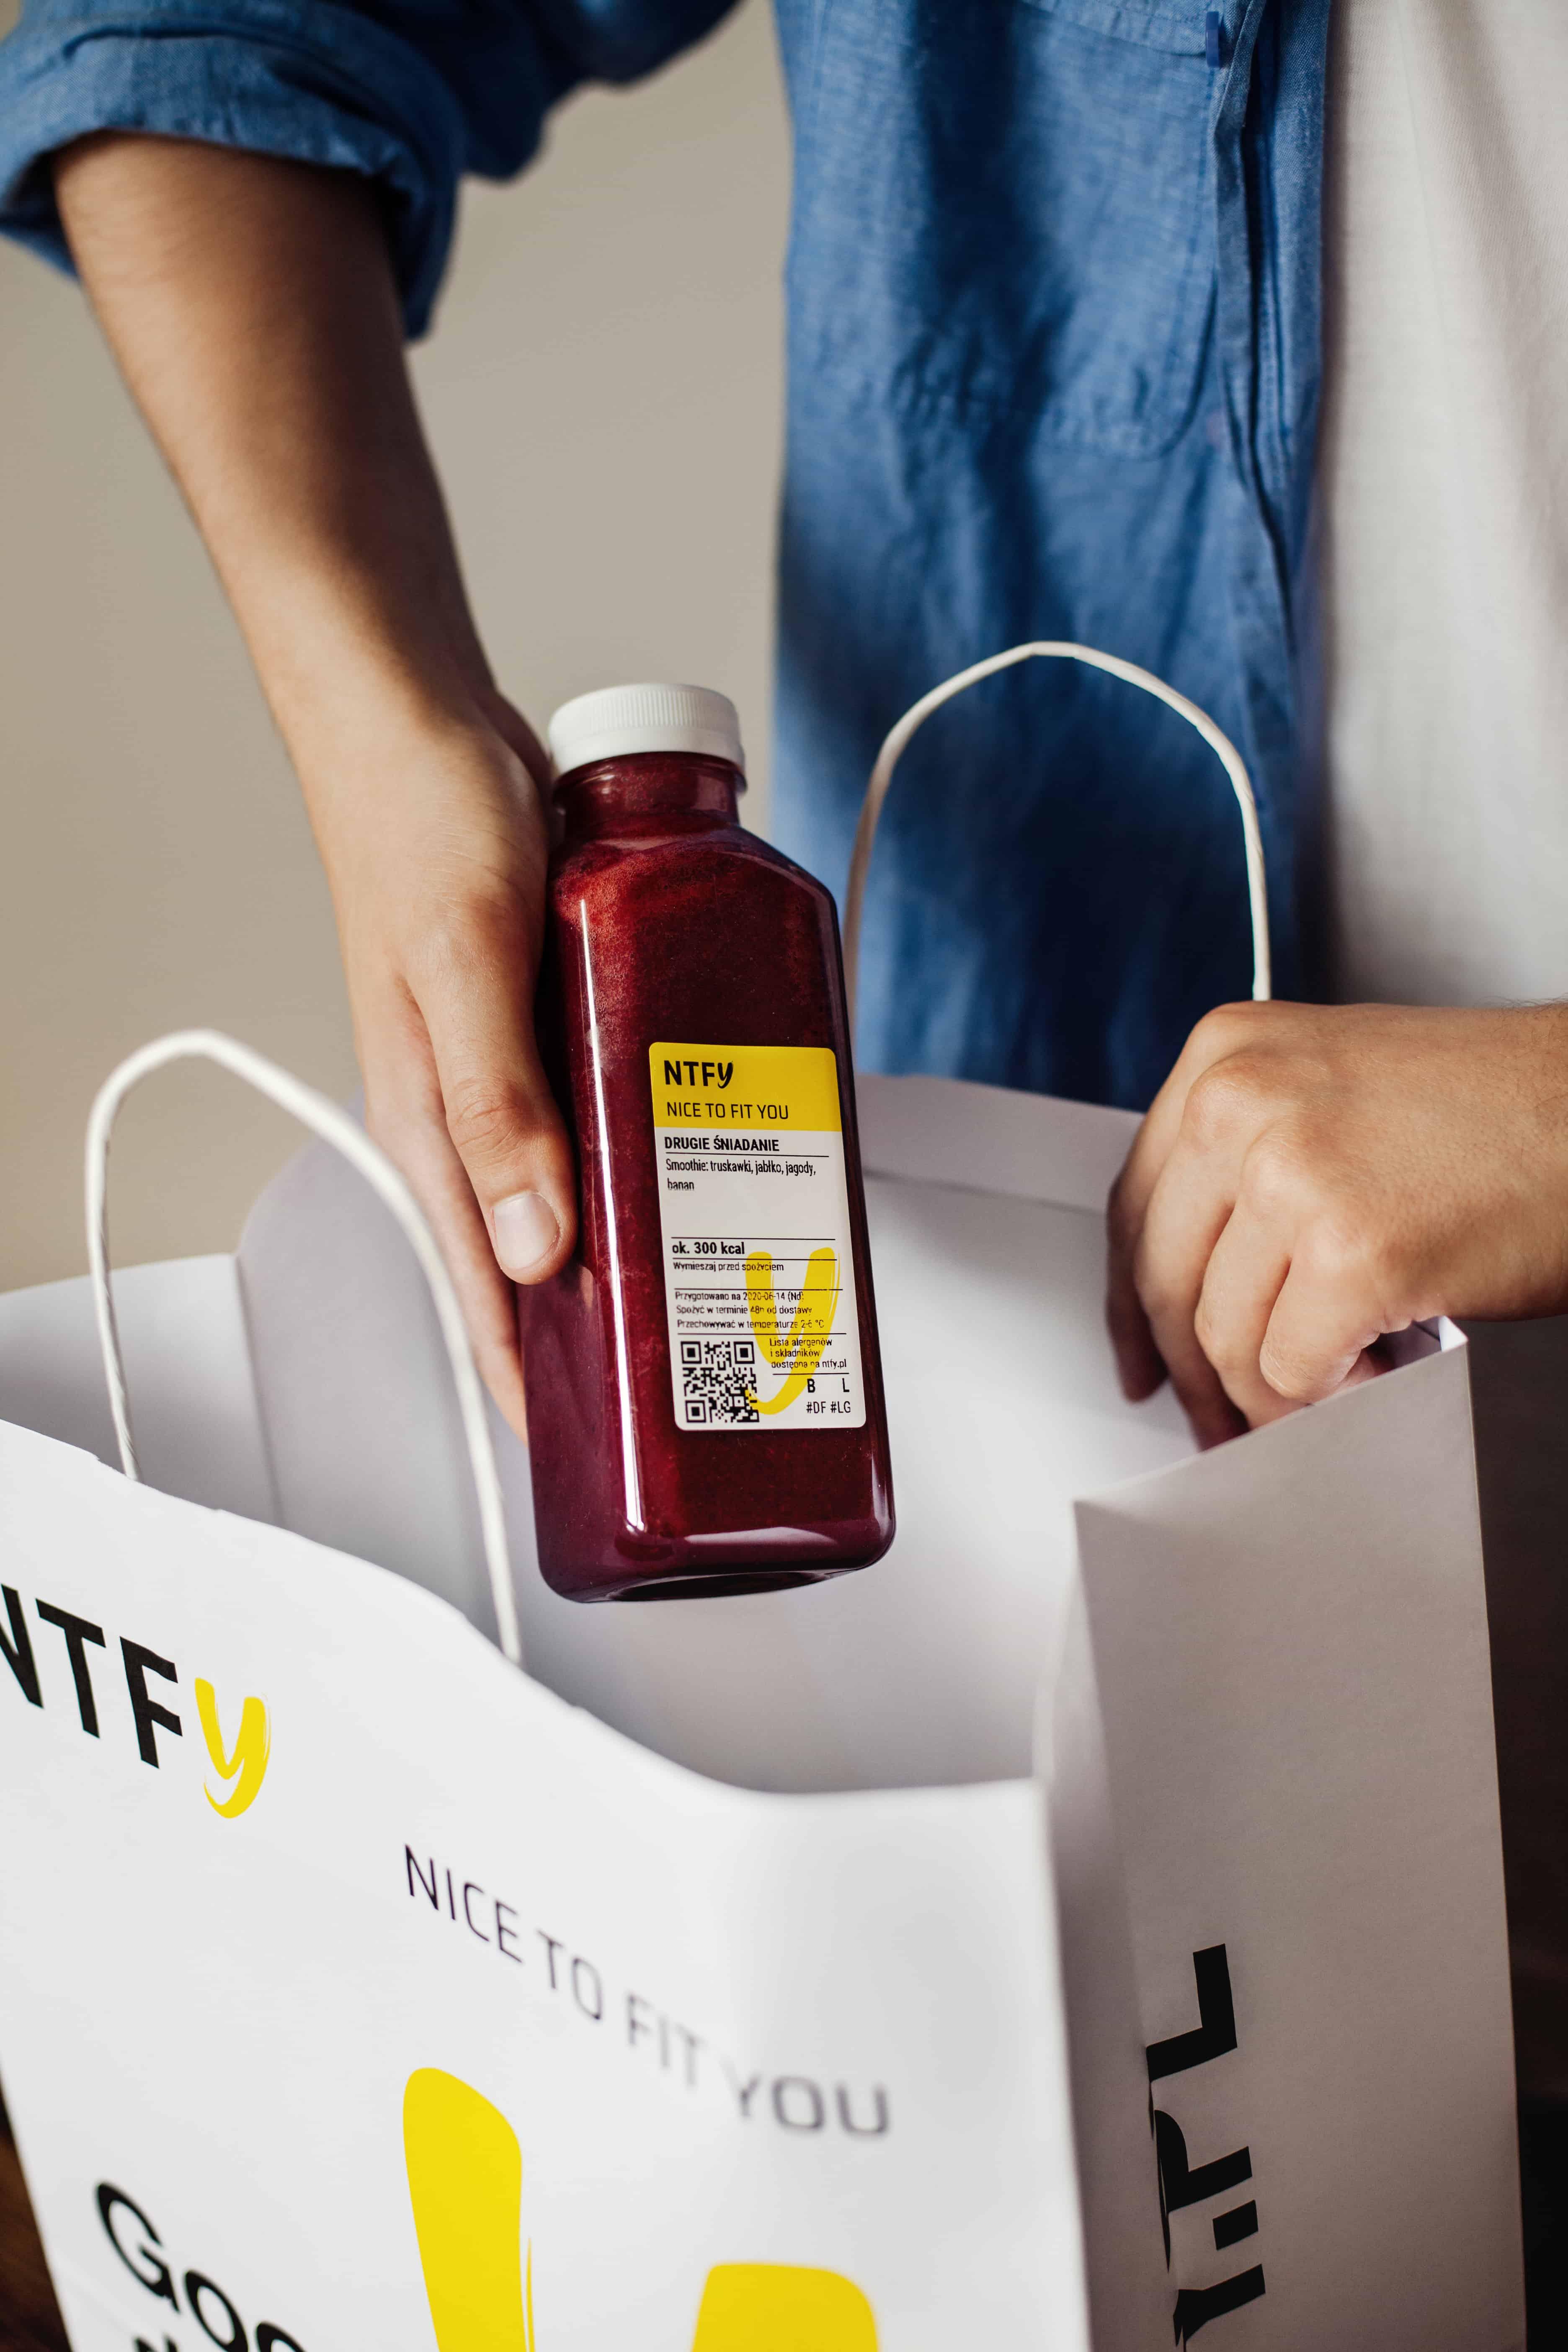 zdrowe posilki na caly dzien zapakowane do torby diety na dowoz nice to fit you